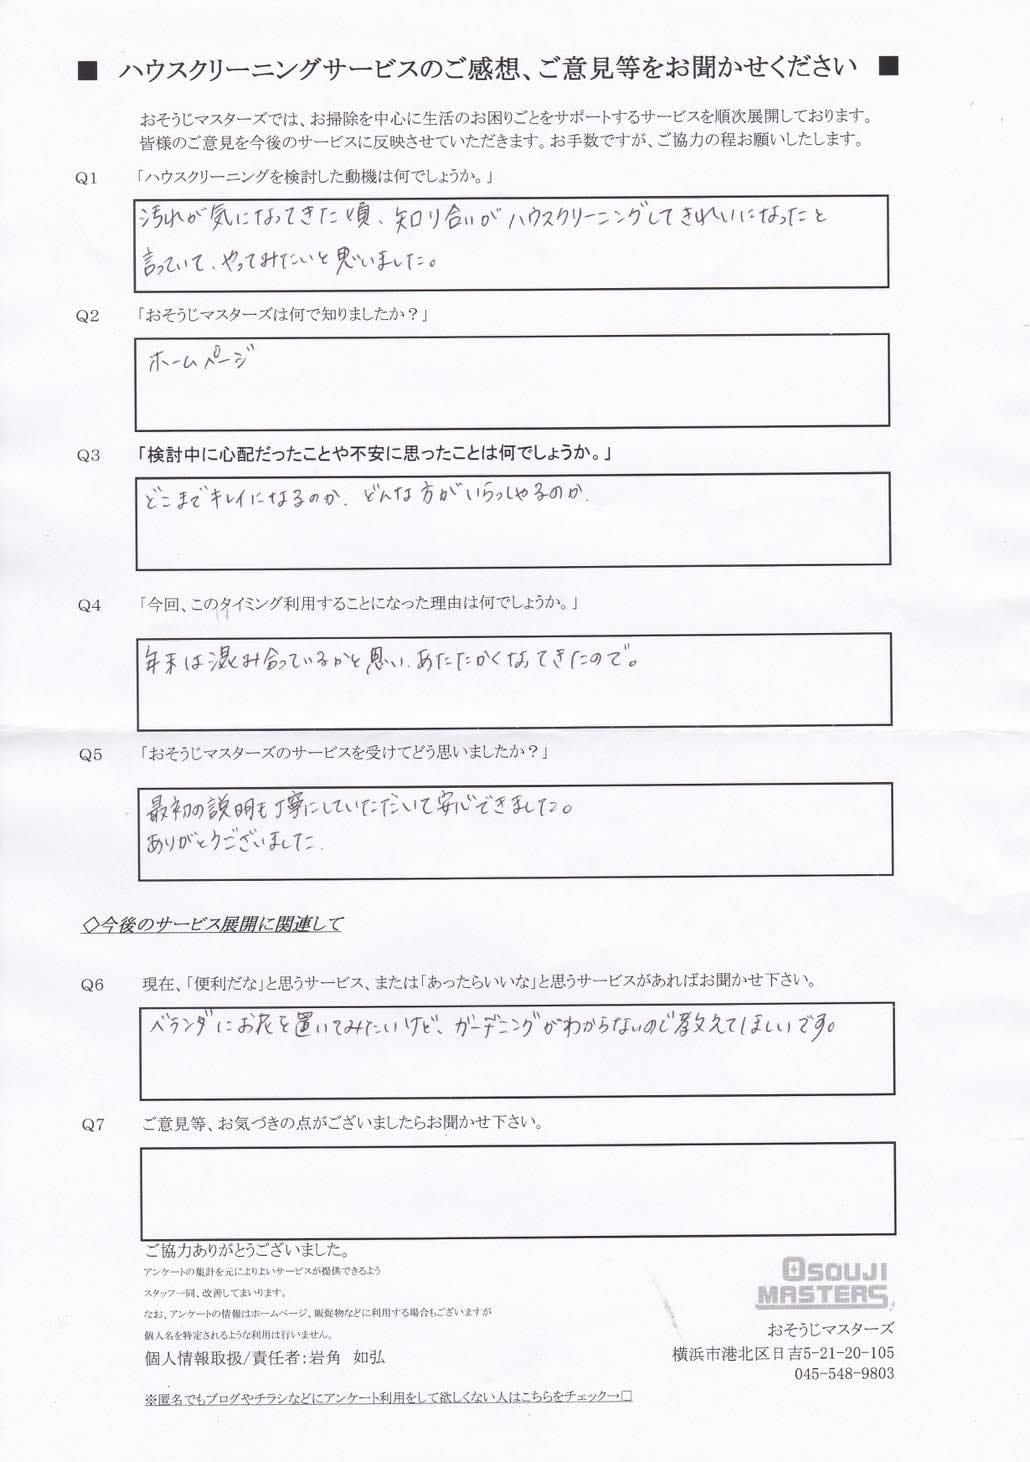 2015.05.09利用者アンケート